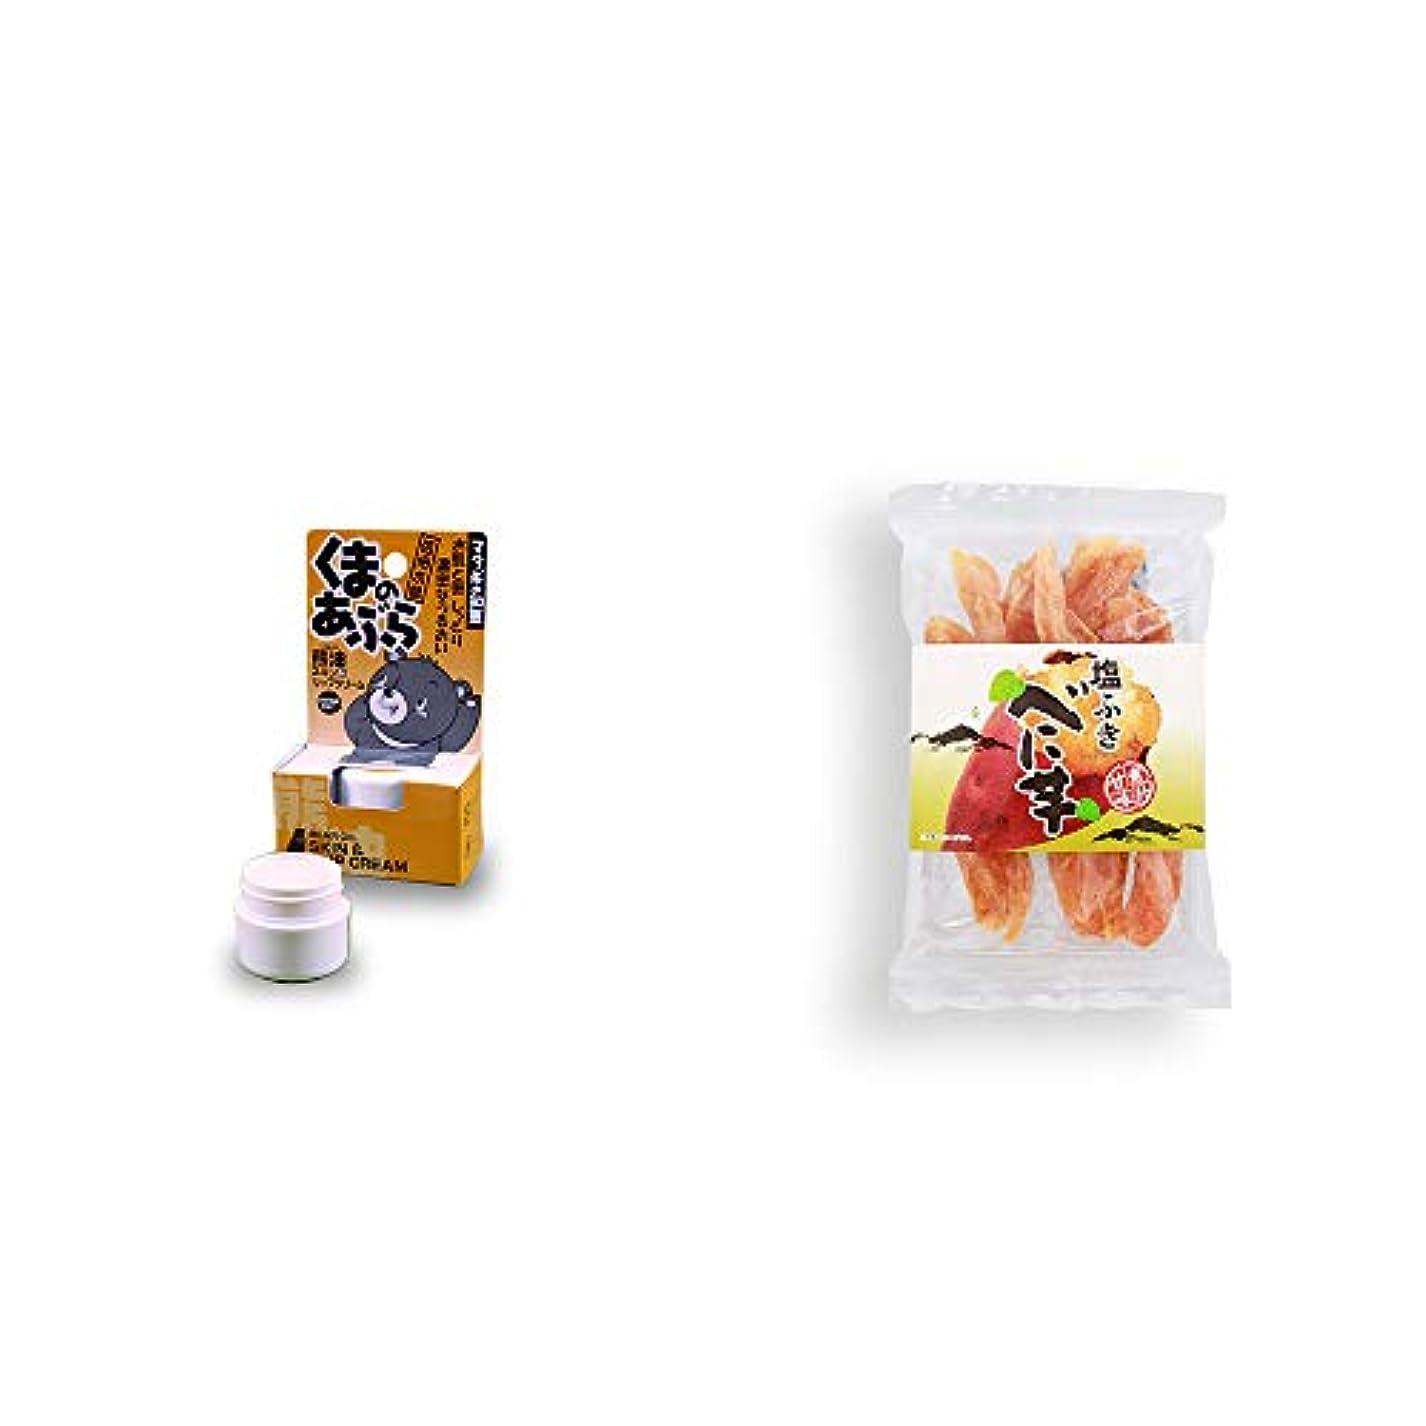 タックル自由ネブ[2点セット] 信州木曽 くまのあぶら 熊油スキン&リップクリーム(9g)?塩ふき べに芋(250g)